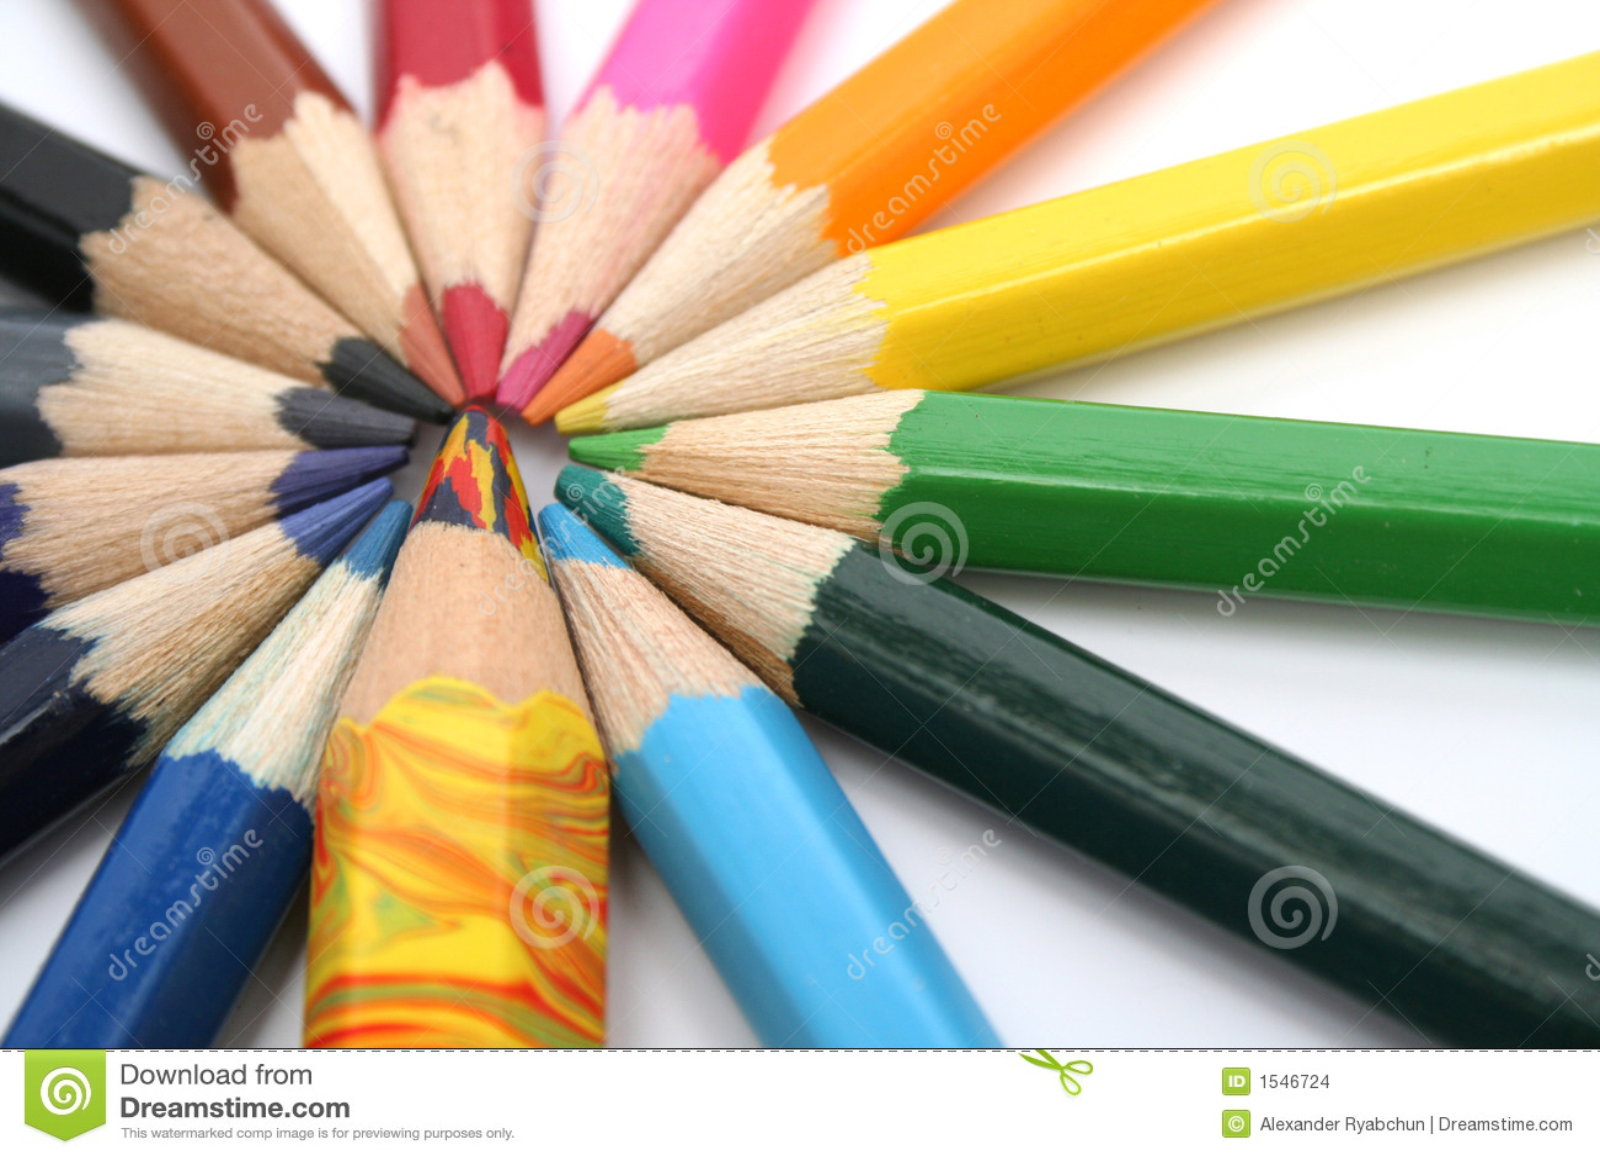 Colori le matite di legno intorno del fratello multicolore - Immagini di tacchini a colori ...